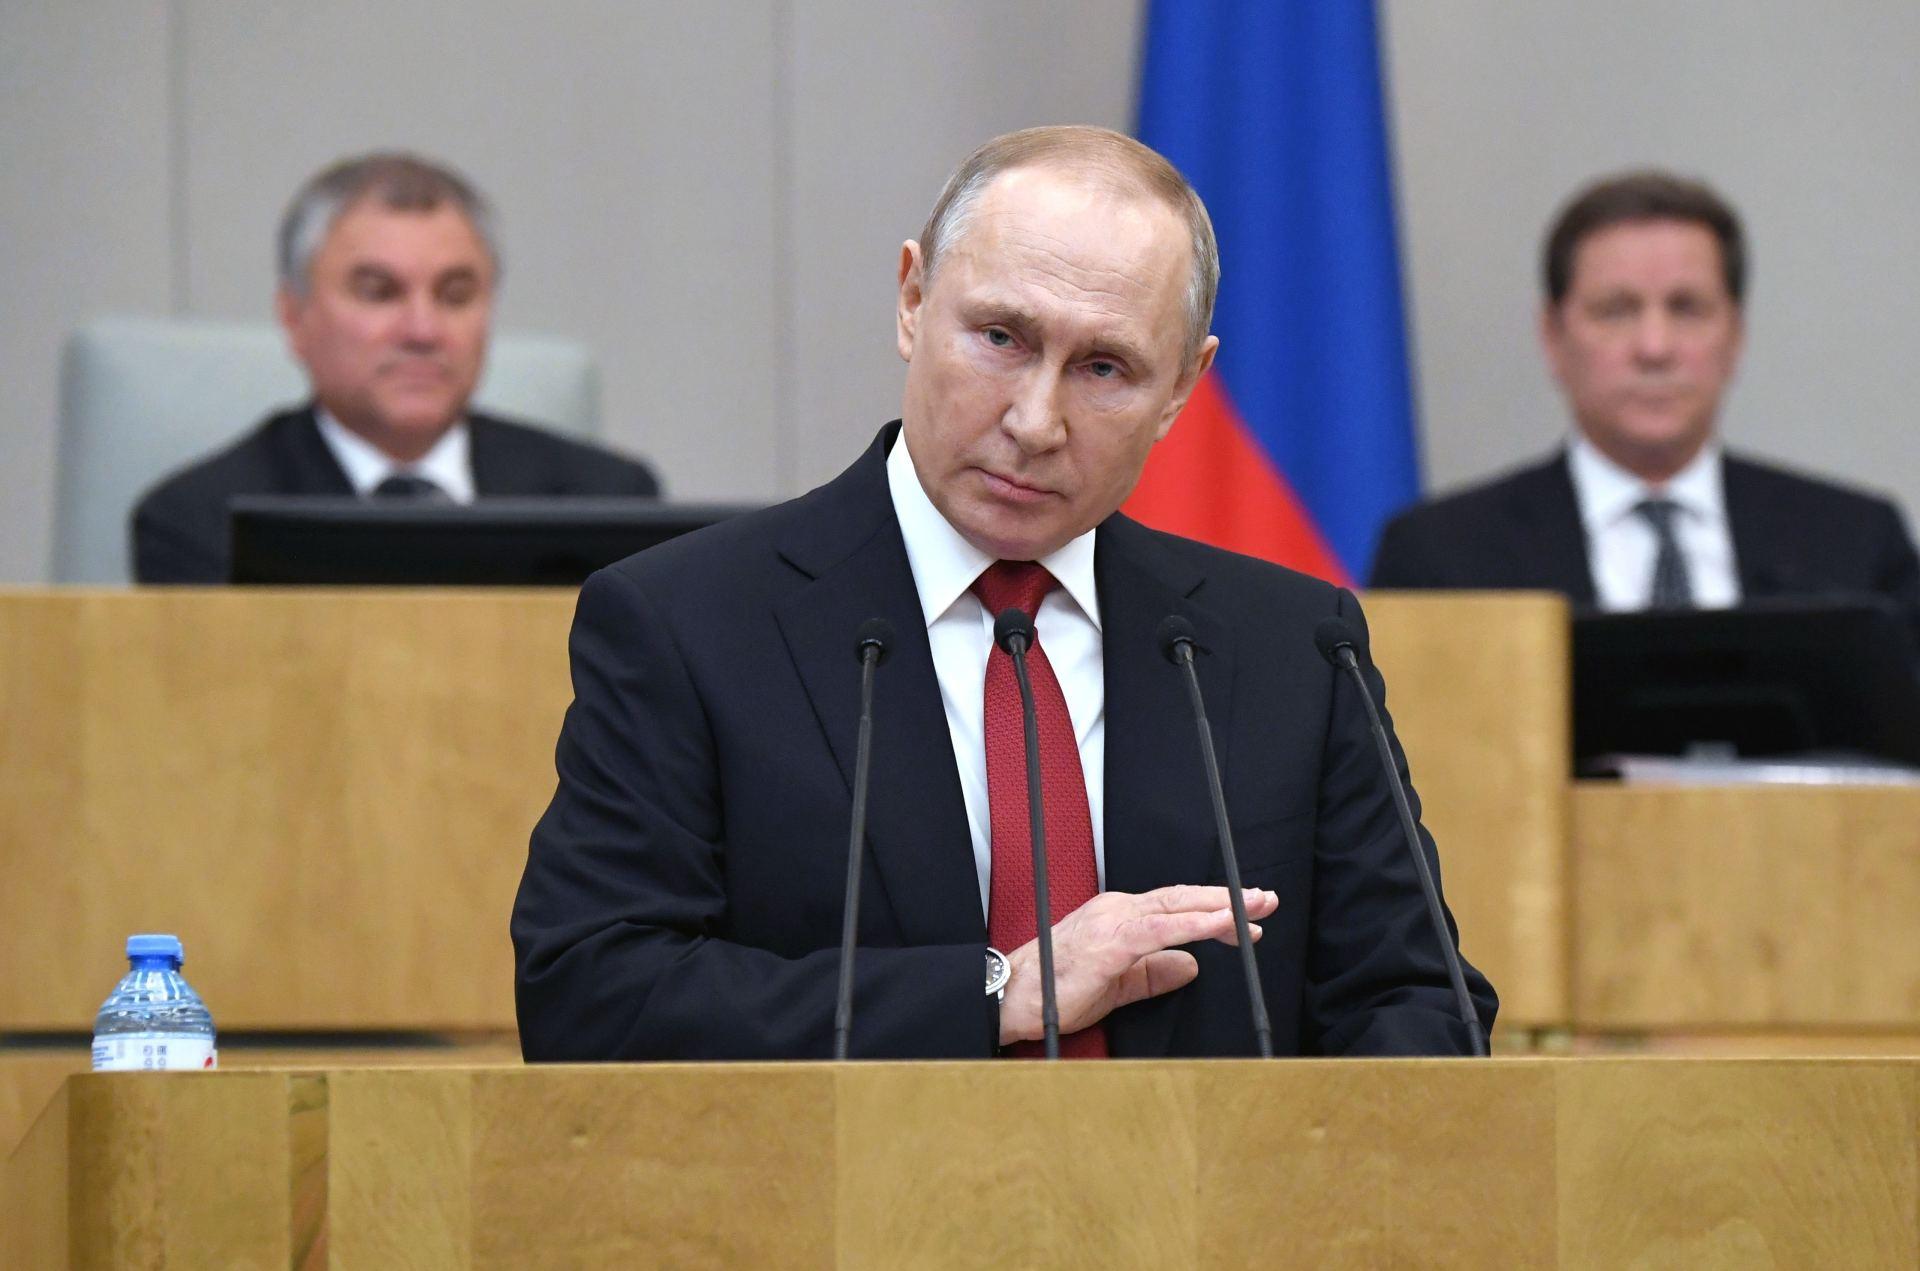 deputatai internete praneša apie savo 2020 metų pajamas)